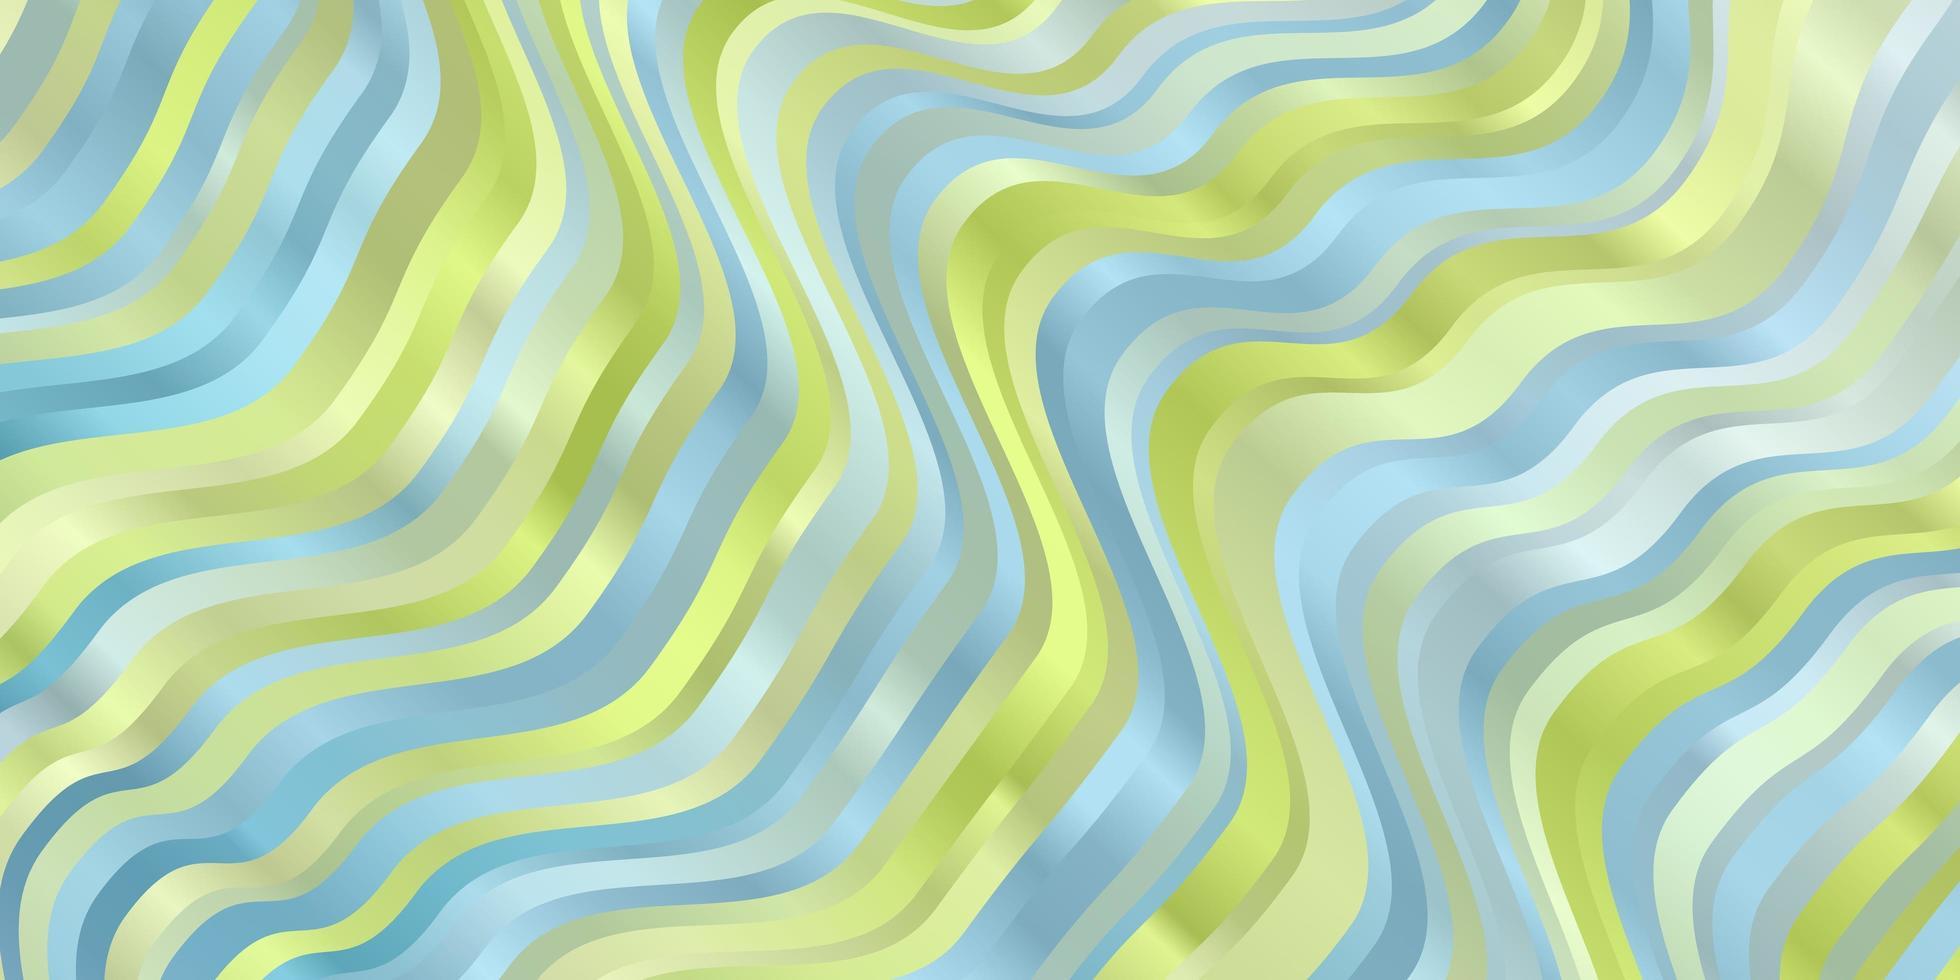 ljusblå och grön bakgrund med kurvor. vektor